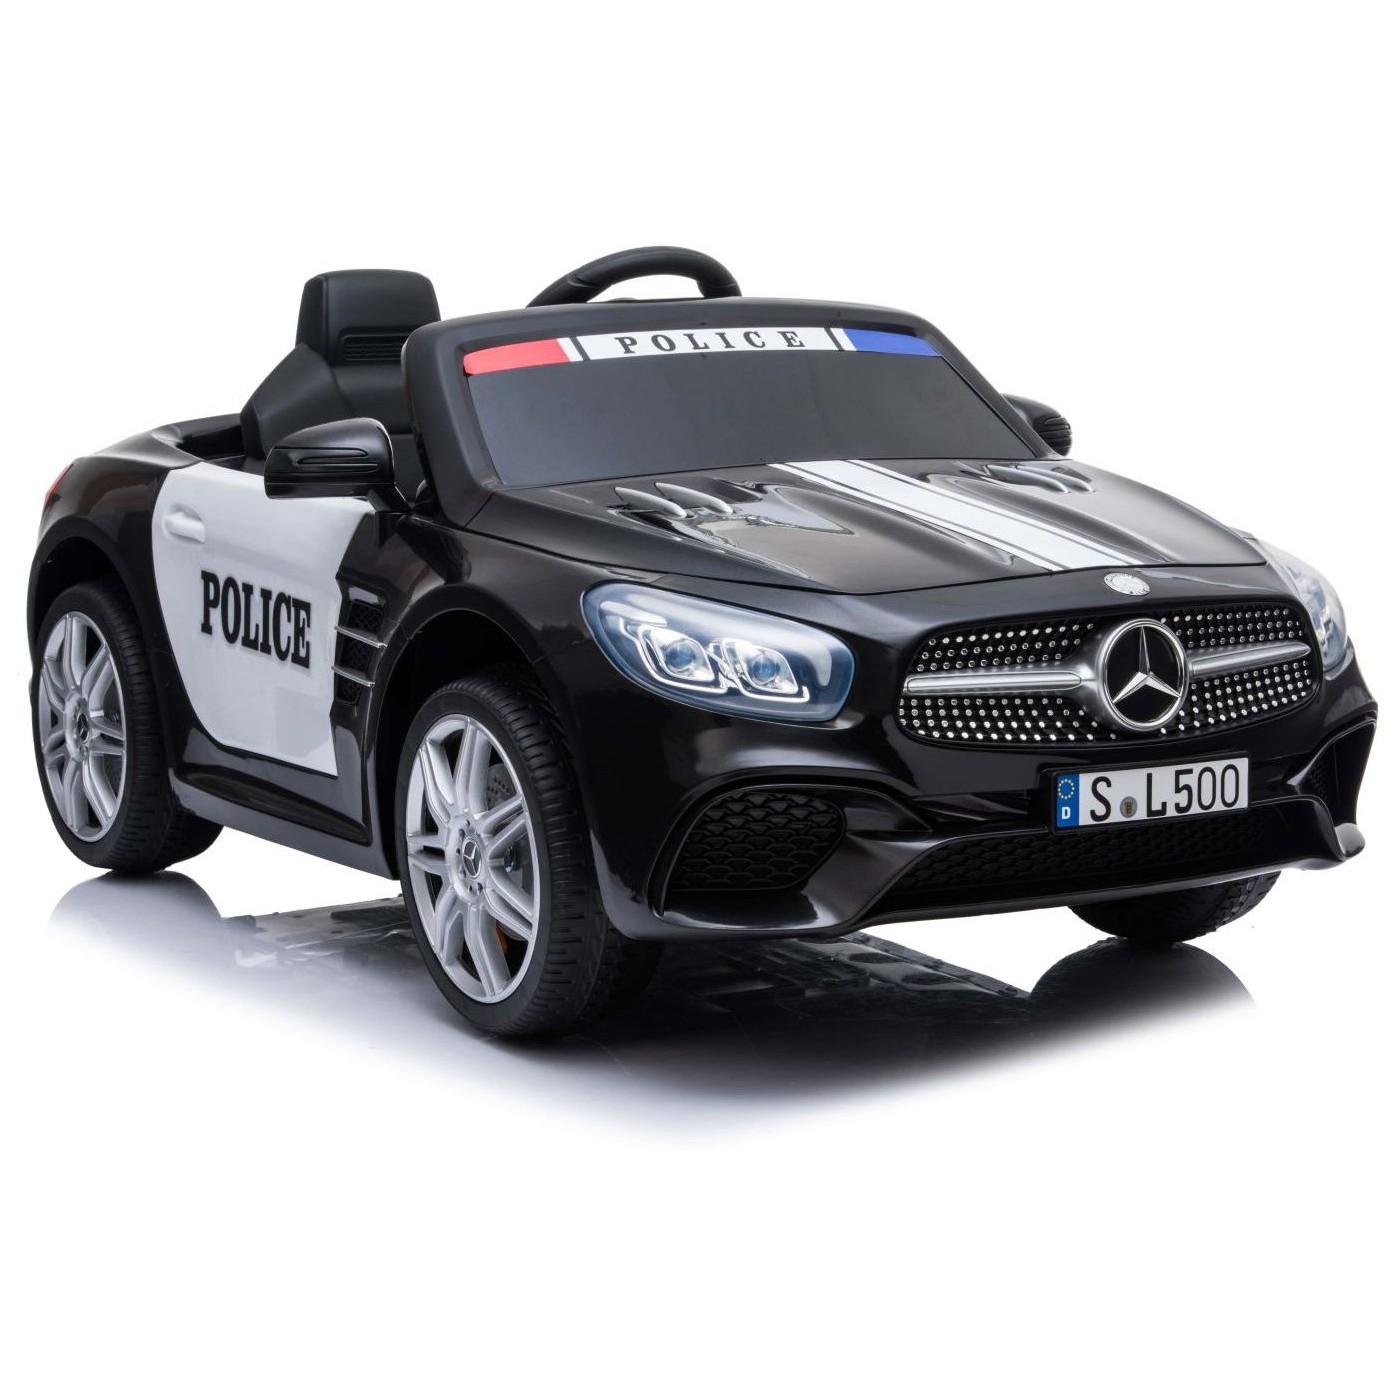 Policja zabawka